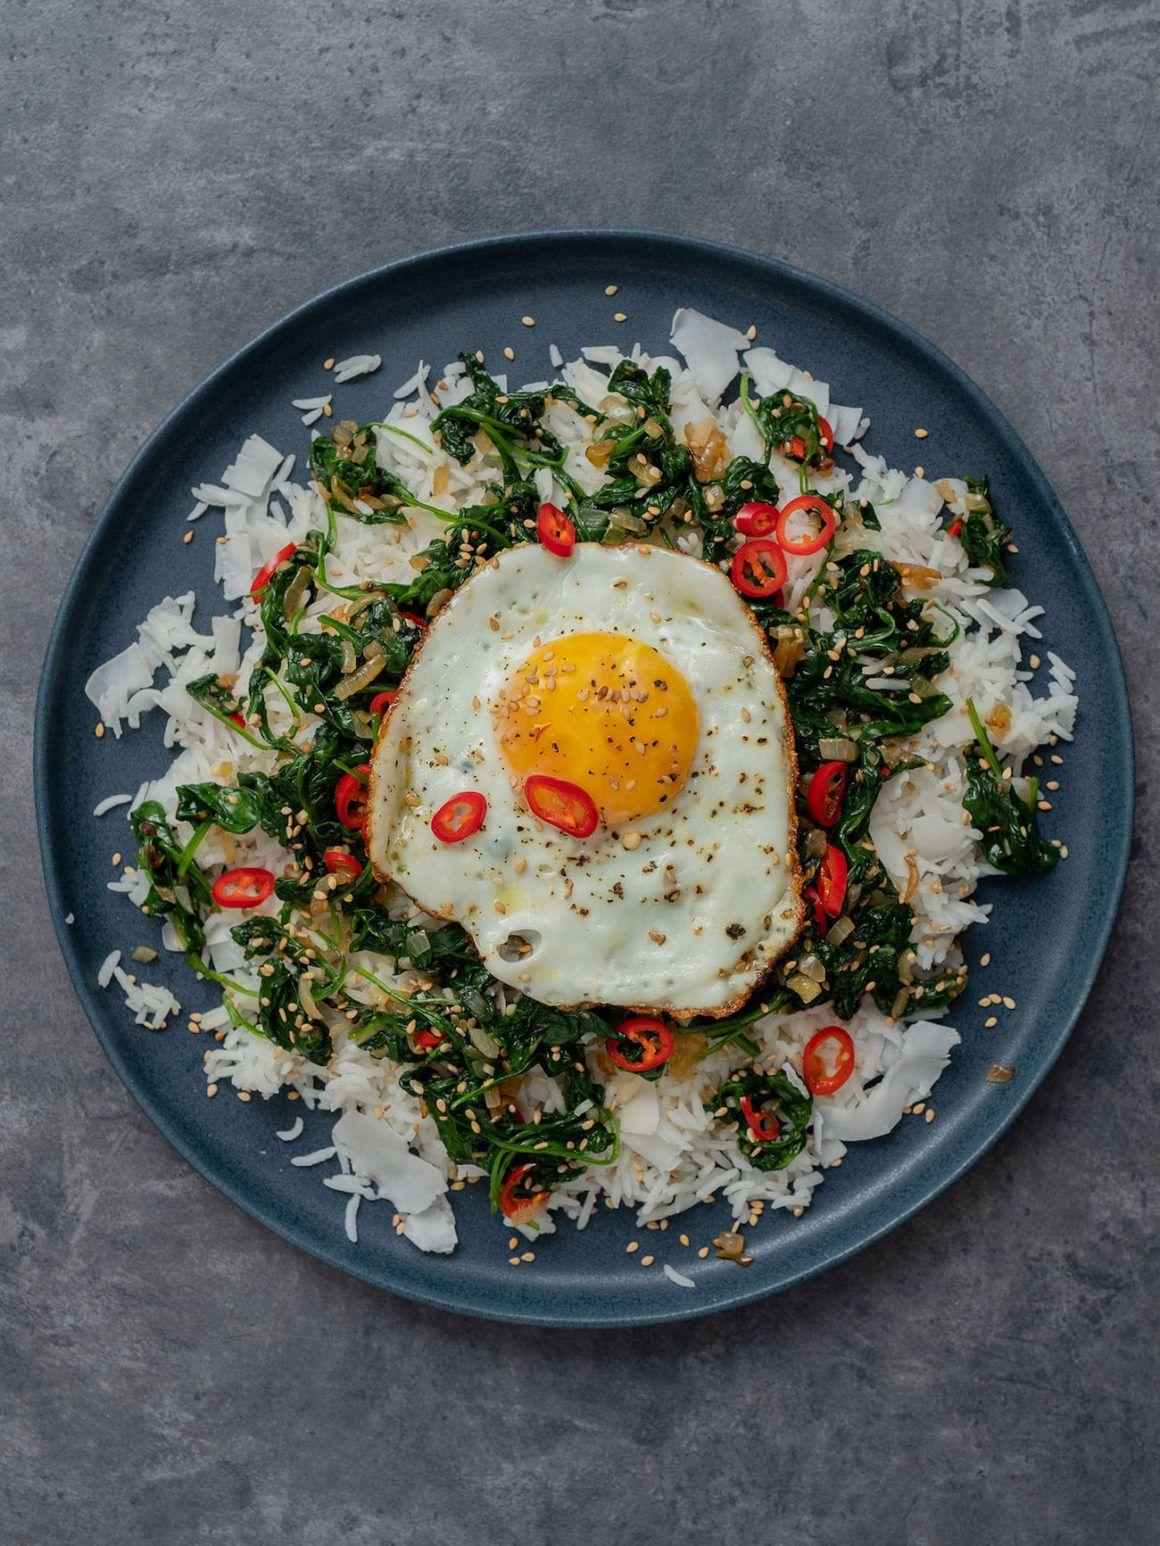 Foodblog About Fuel, Rezept Kokosreis mit Sesam-Spinat und Spigelei, Chili, Sesamsamen